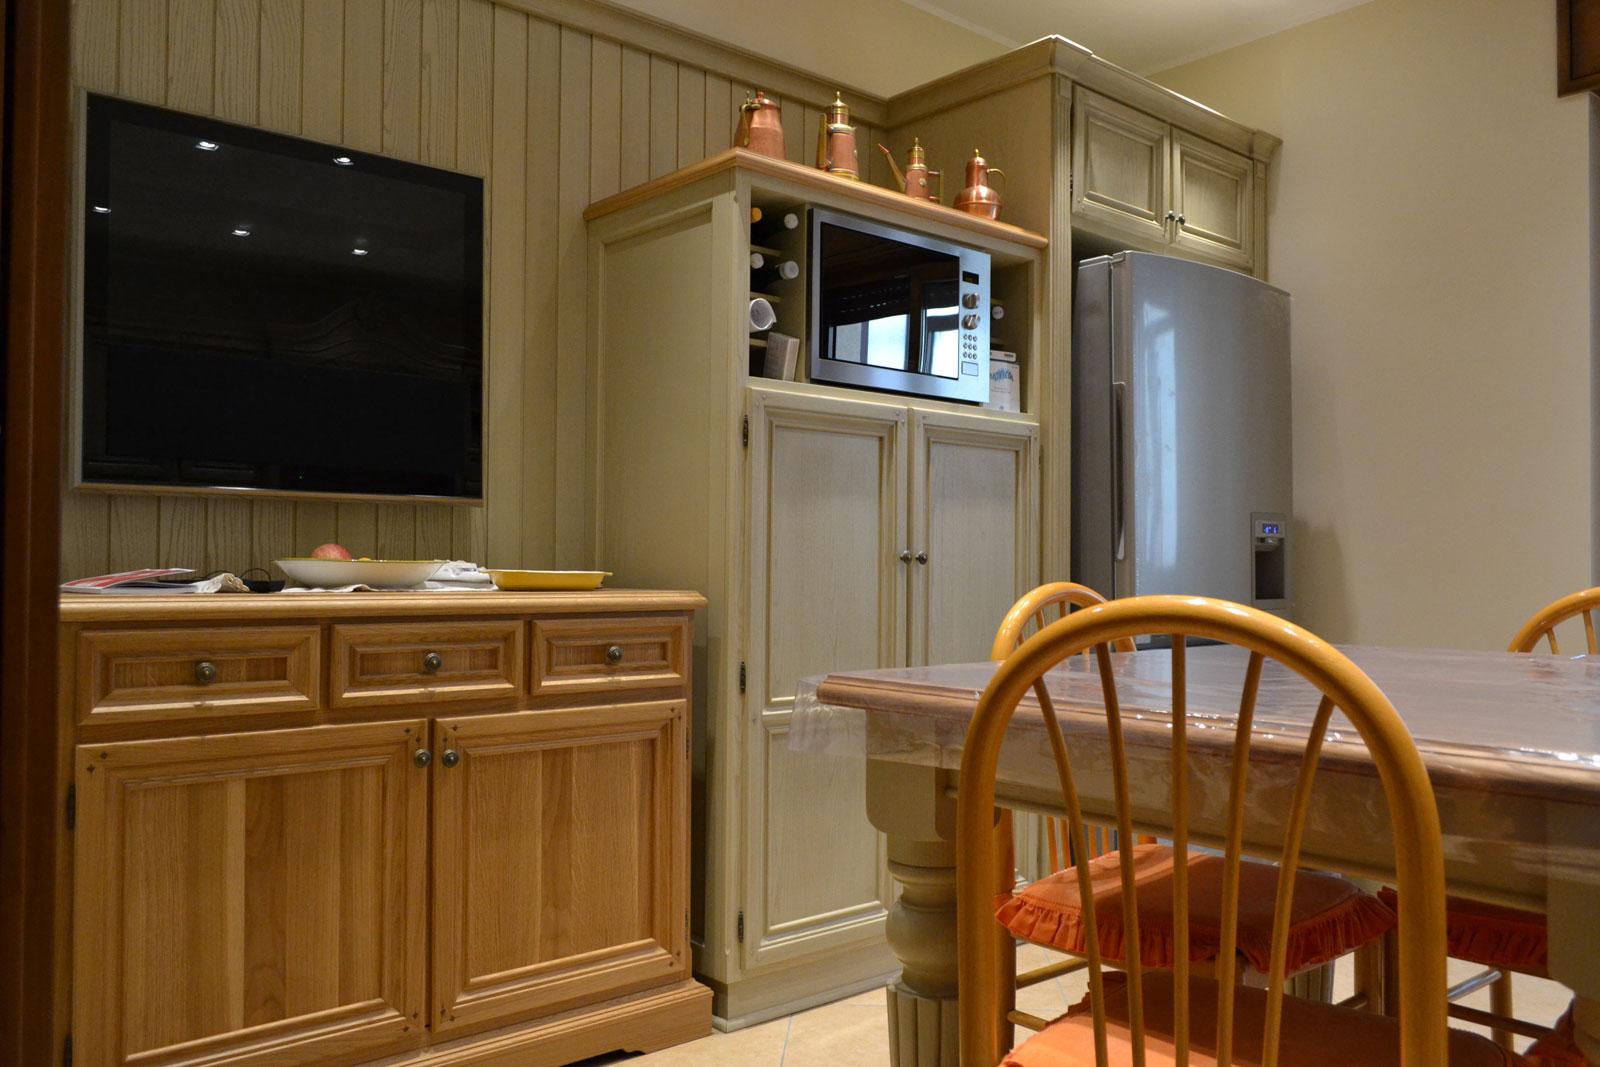 Cucina in legno massello di Frassino | ArecoDesign